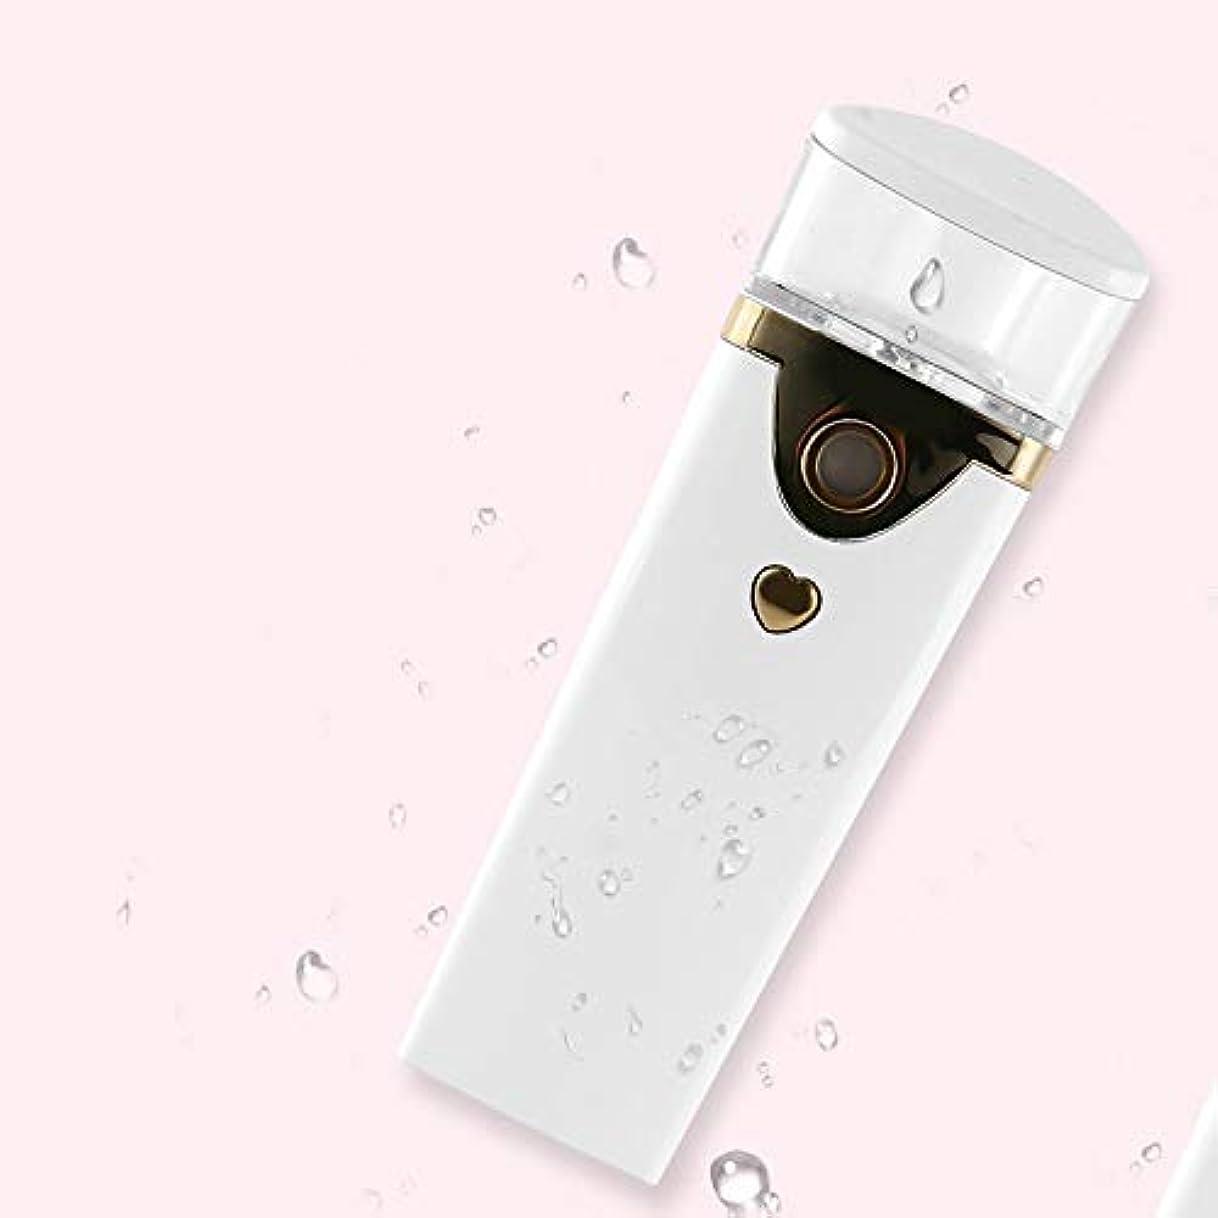 力強い穴カフェテリアZXF ハンドヘルドポータブルかわいいナノ水道メーターABS材料スチームフェイス水分補給美容器具噴霧器ホワイト 滑らかである